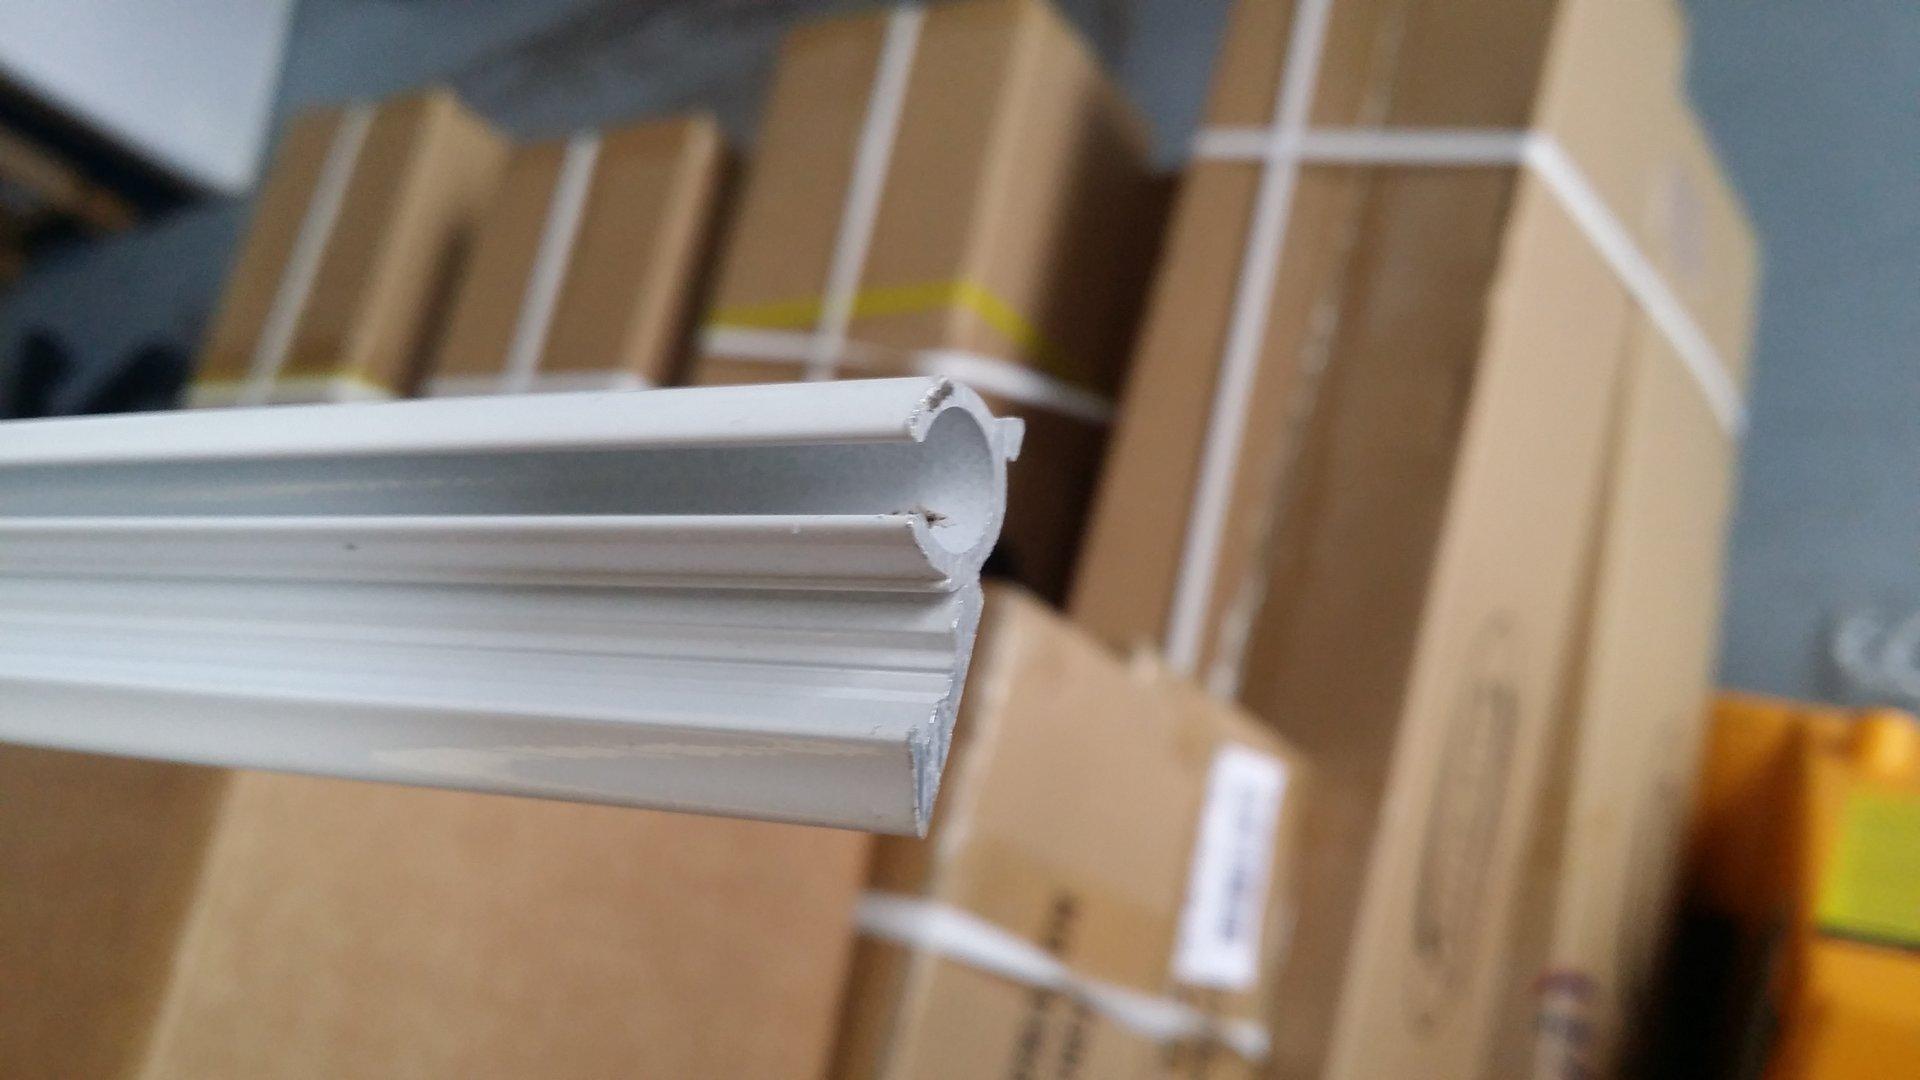 Guia aluminio blanco perfil para avance toldilla barra 3 for Tubos de aluminio para toldos